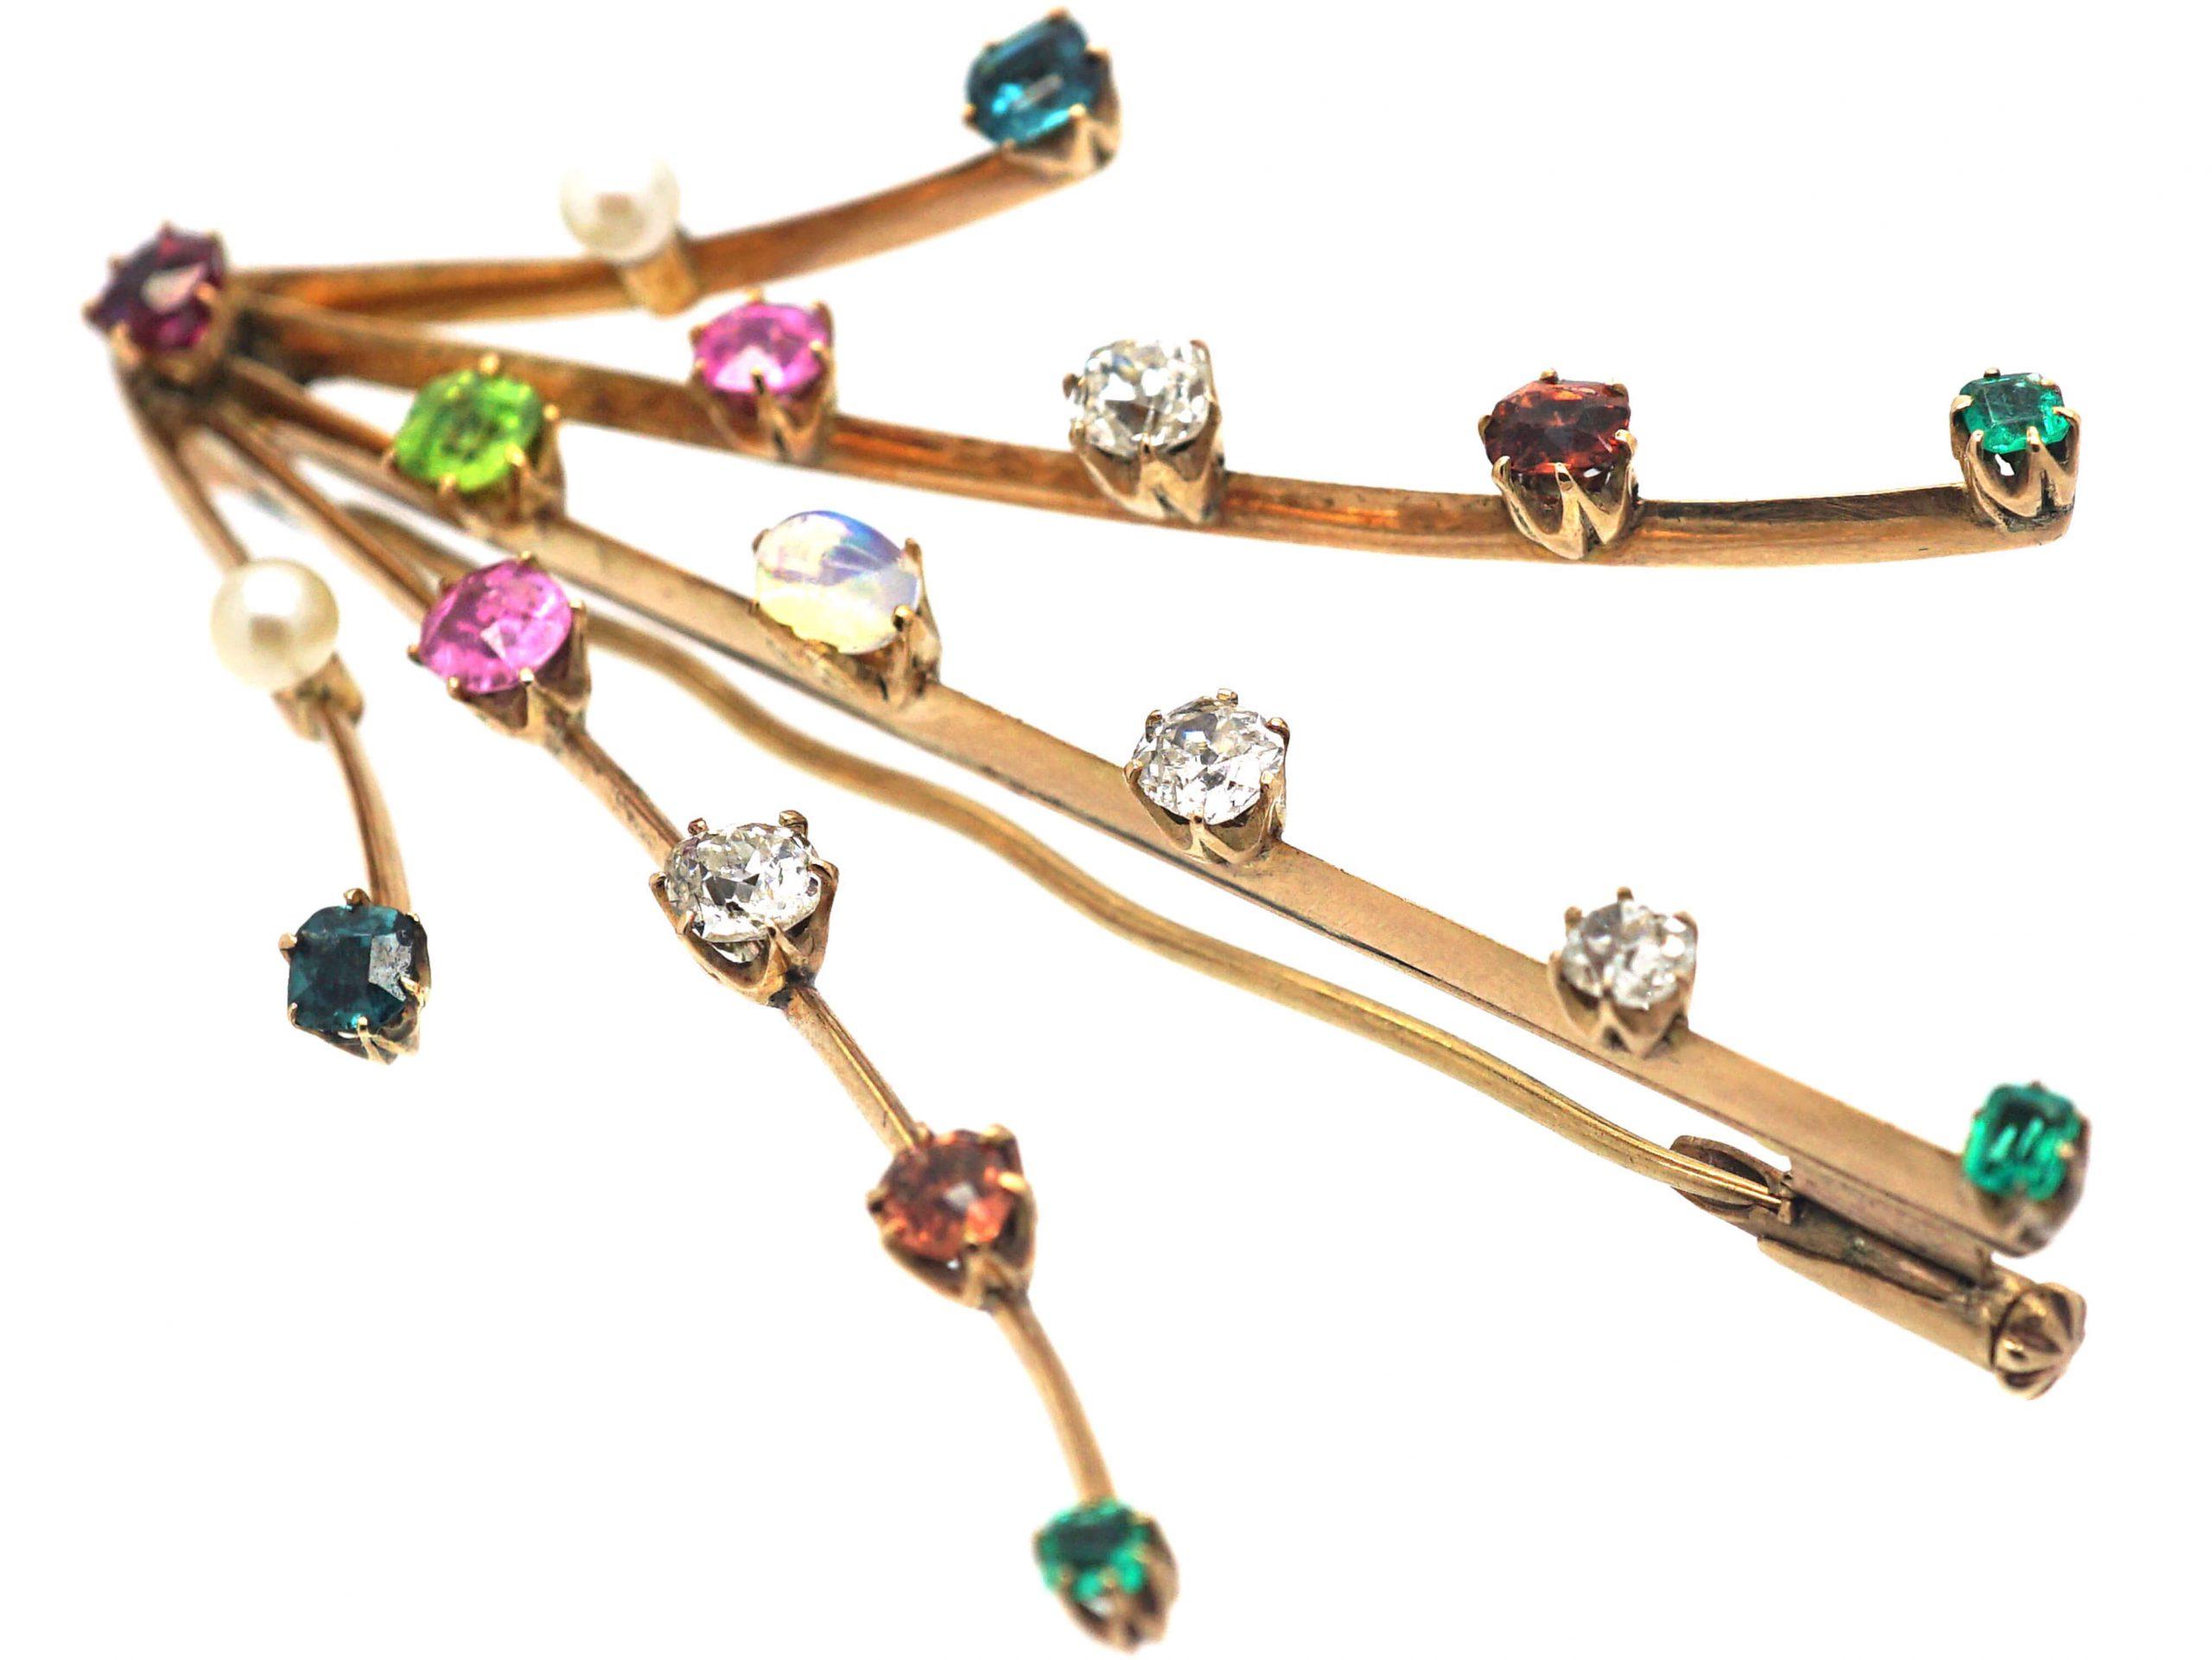 Edwardian 15ct Gold Harlequin Comet Brooch set with Different Gemstones